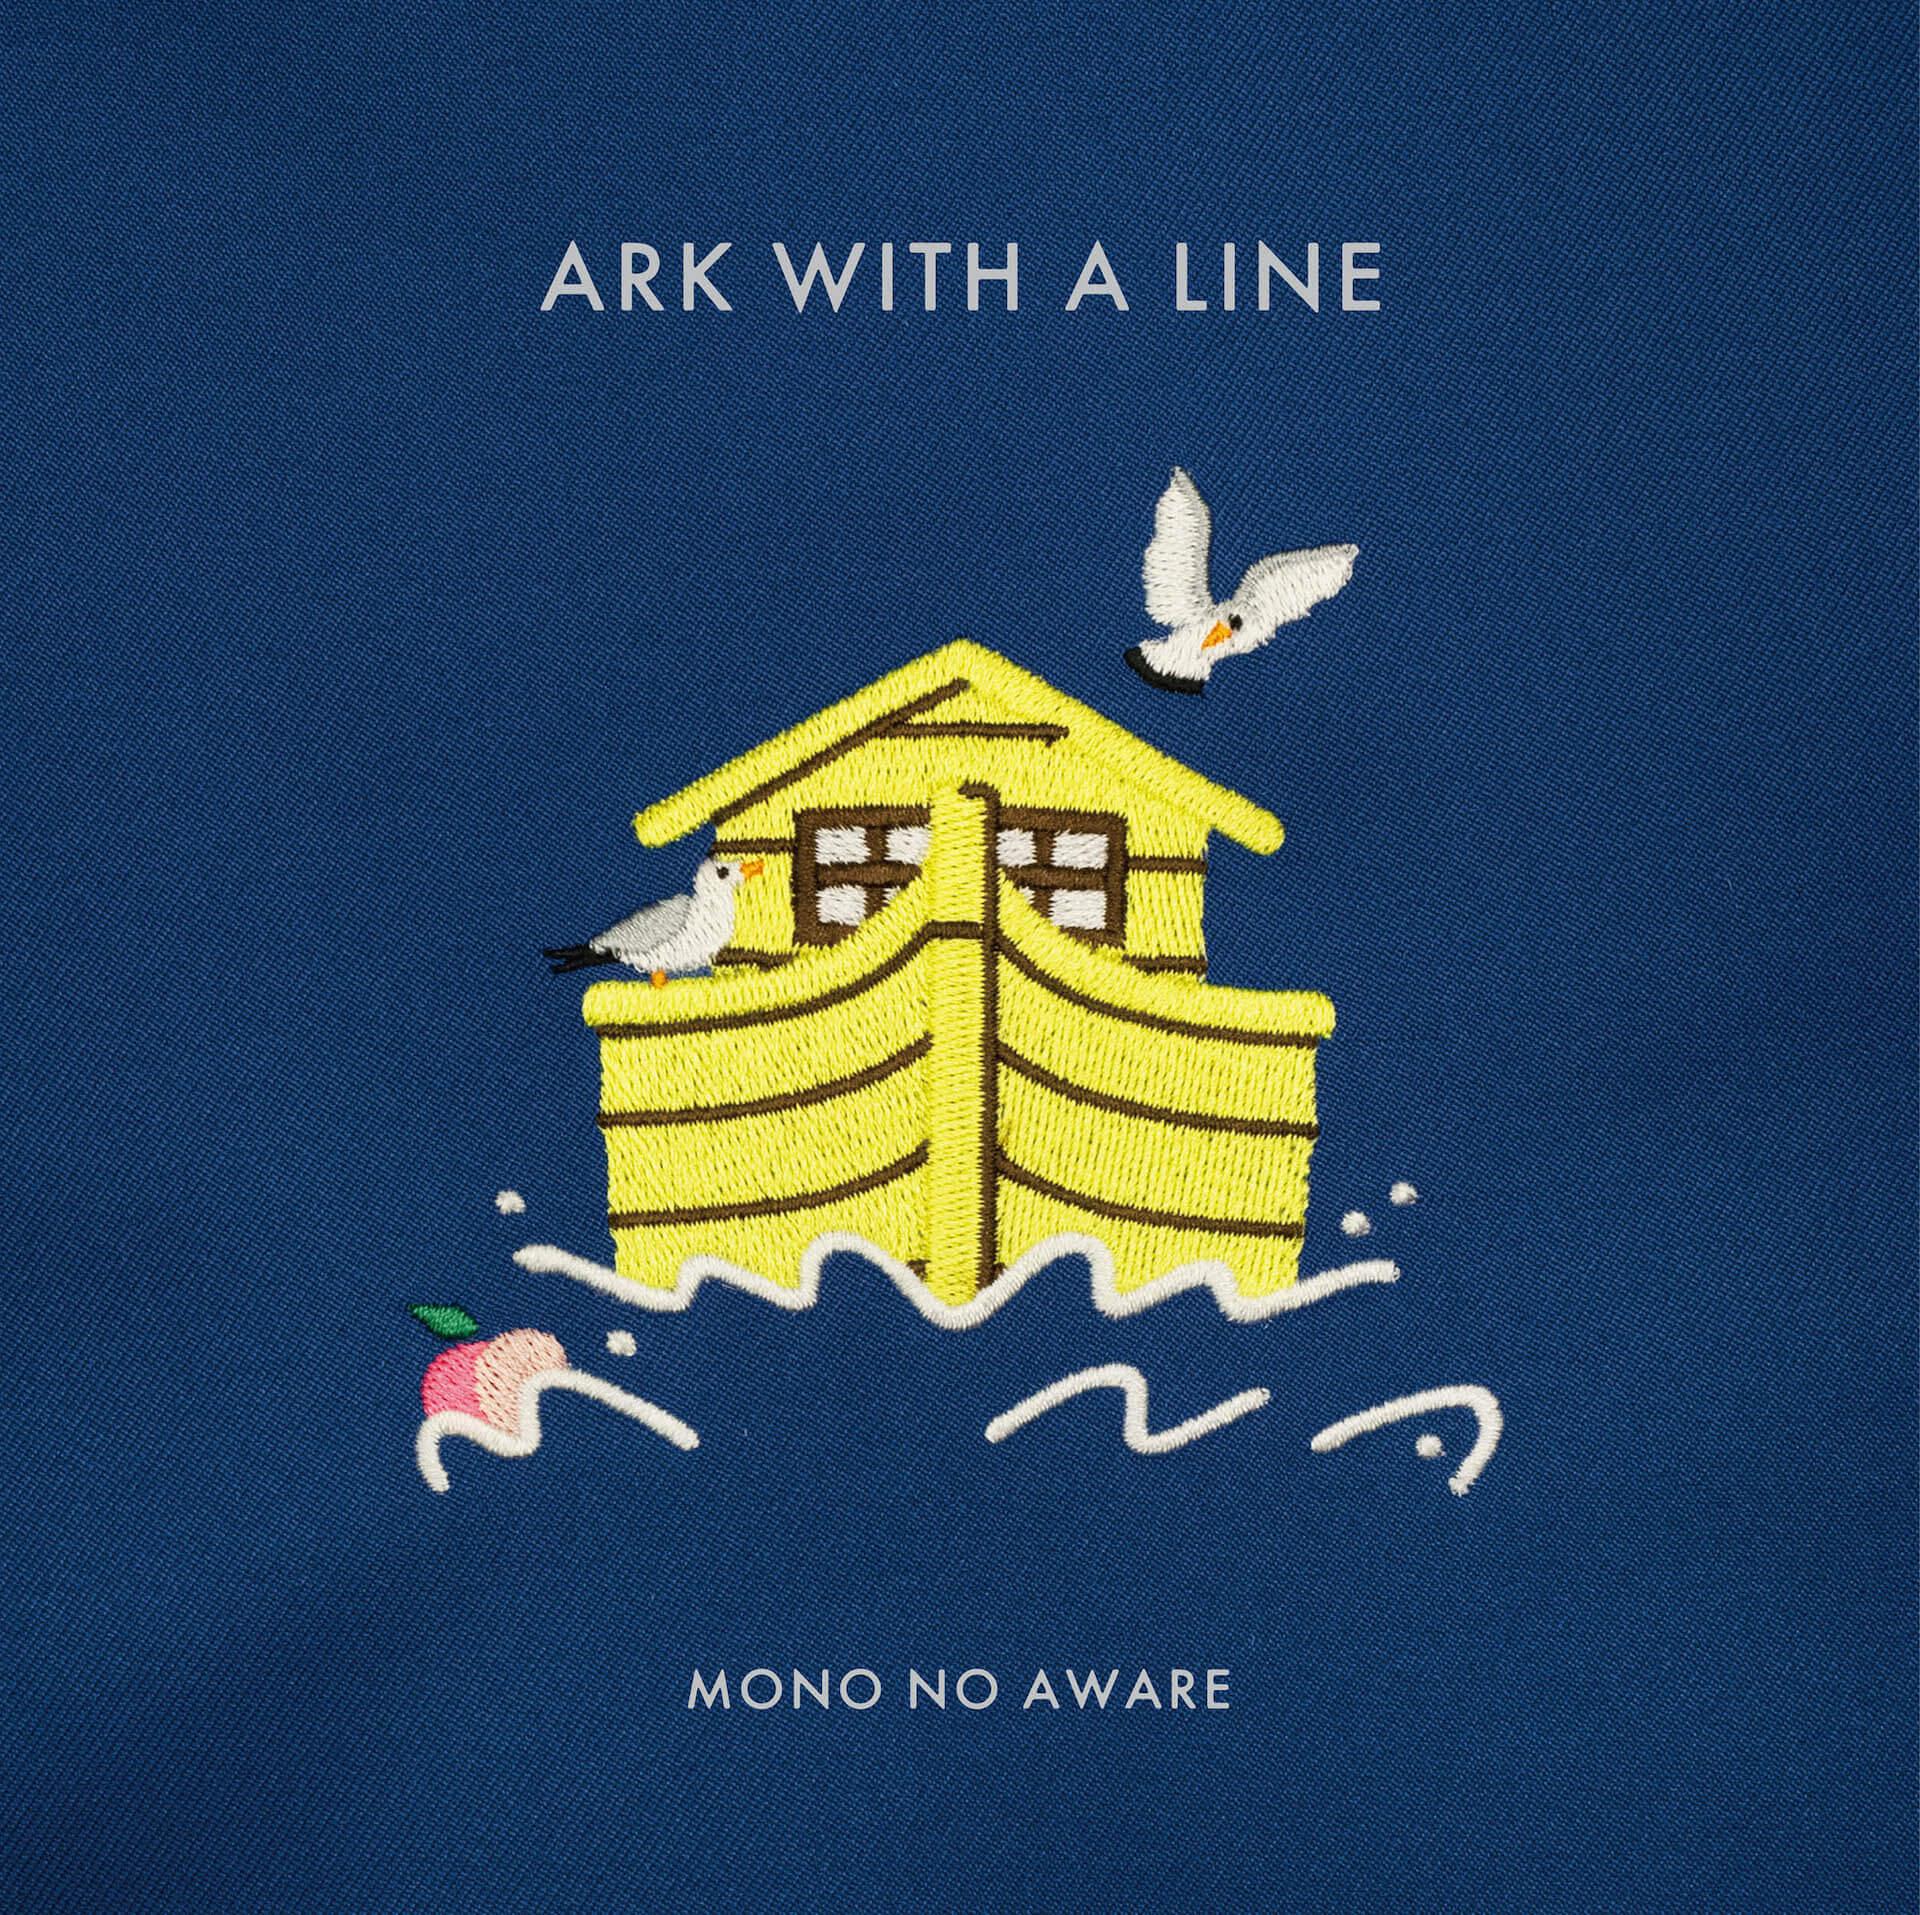 「自然」とそこにあった音楽──MONO NO AWARE、New AL『行列のできる方舟』インタビュー interview210609_mono-no-aware-03